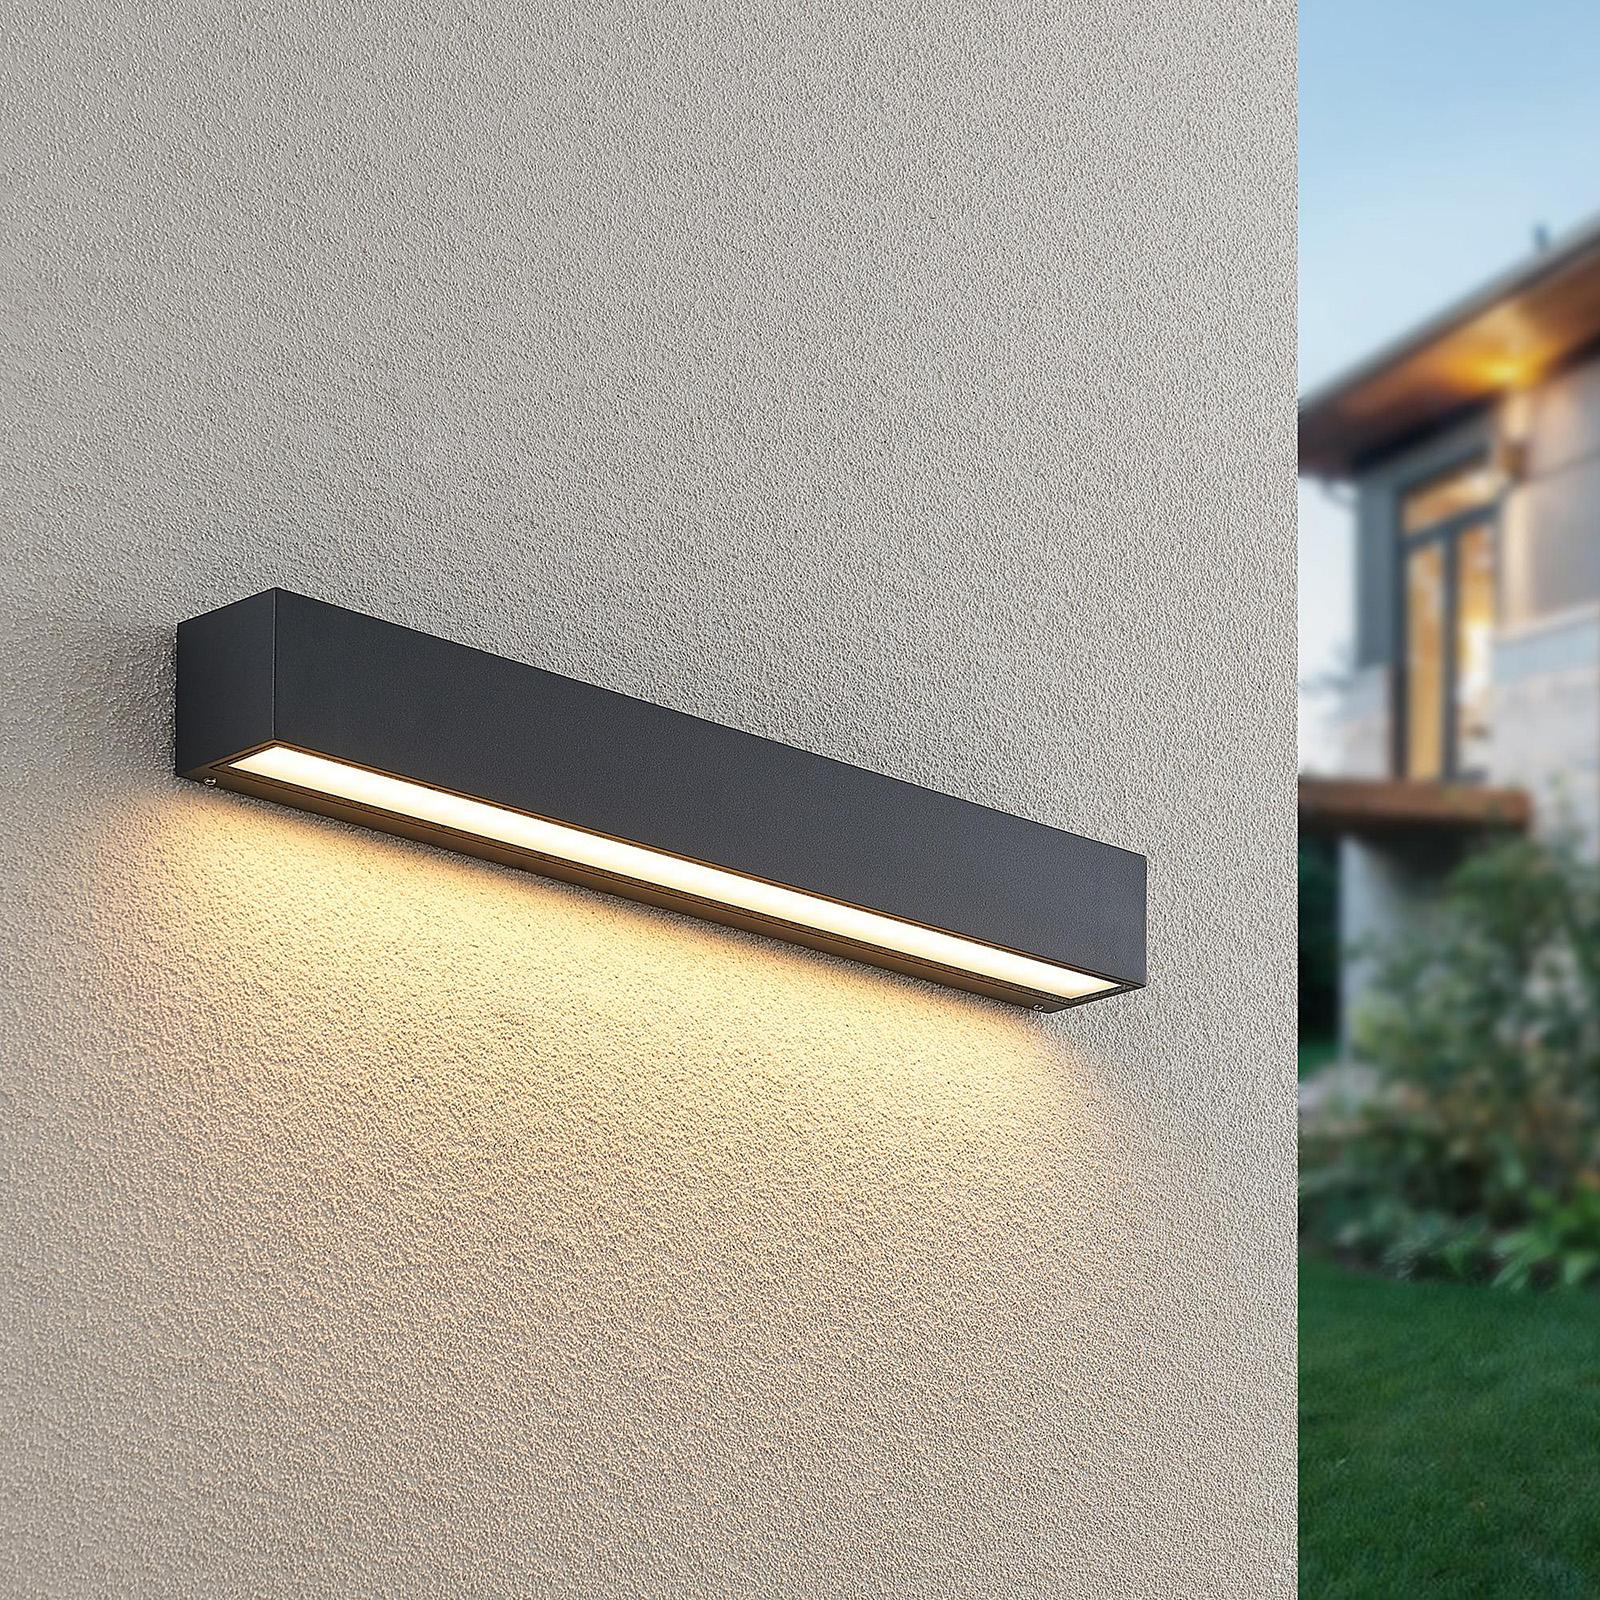 Lucande Krylo applique d'extérieur LED